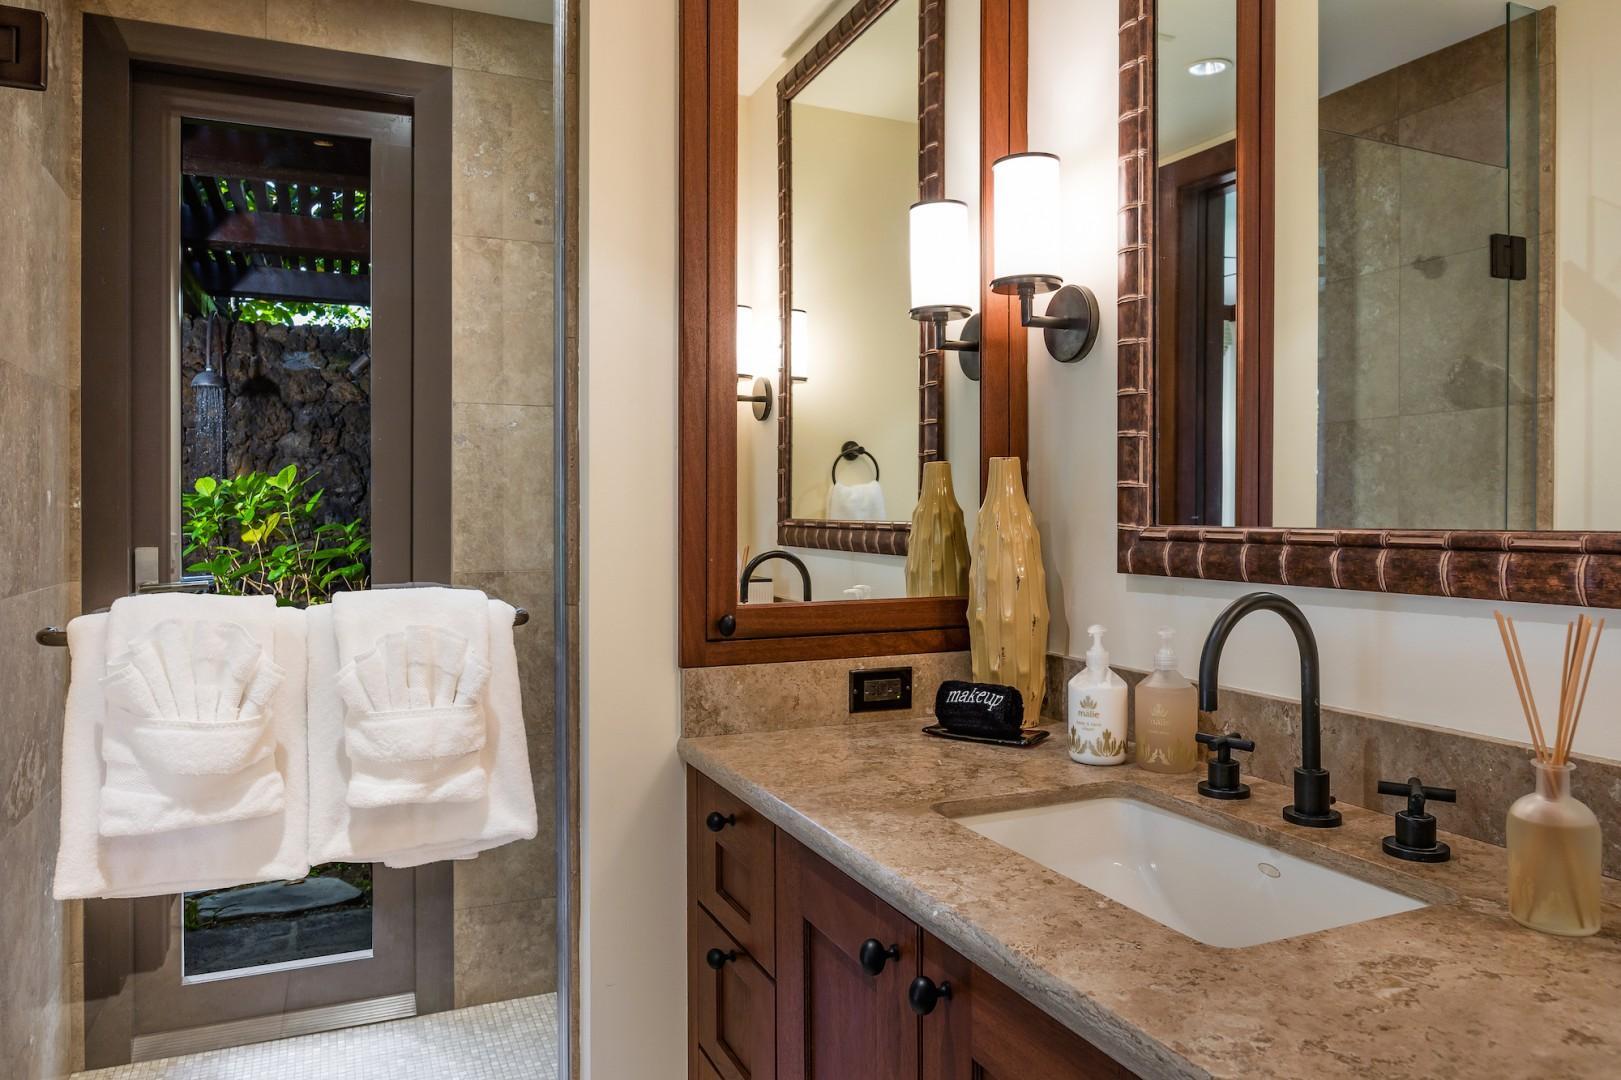 Second bedroom ensuite bathroom with granite counter tops, walk-in indoor shower and outdoor shower garden.